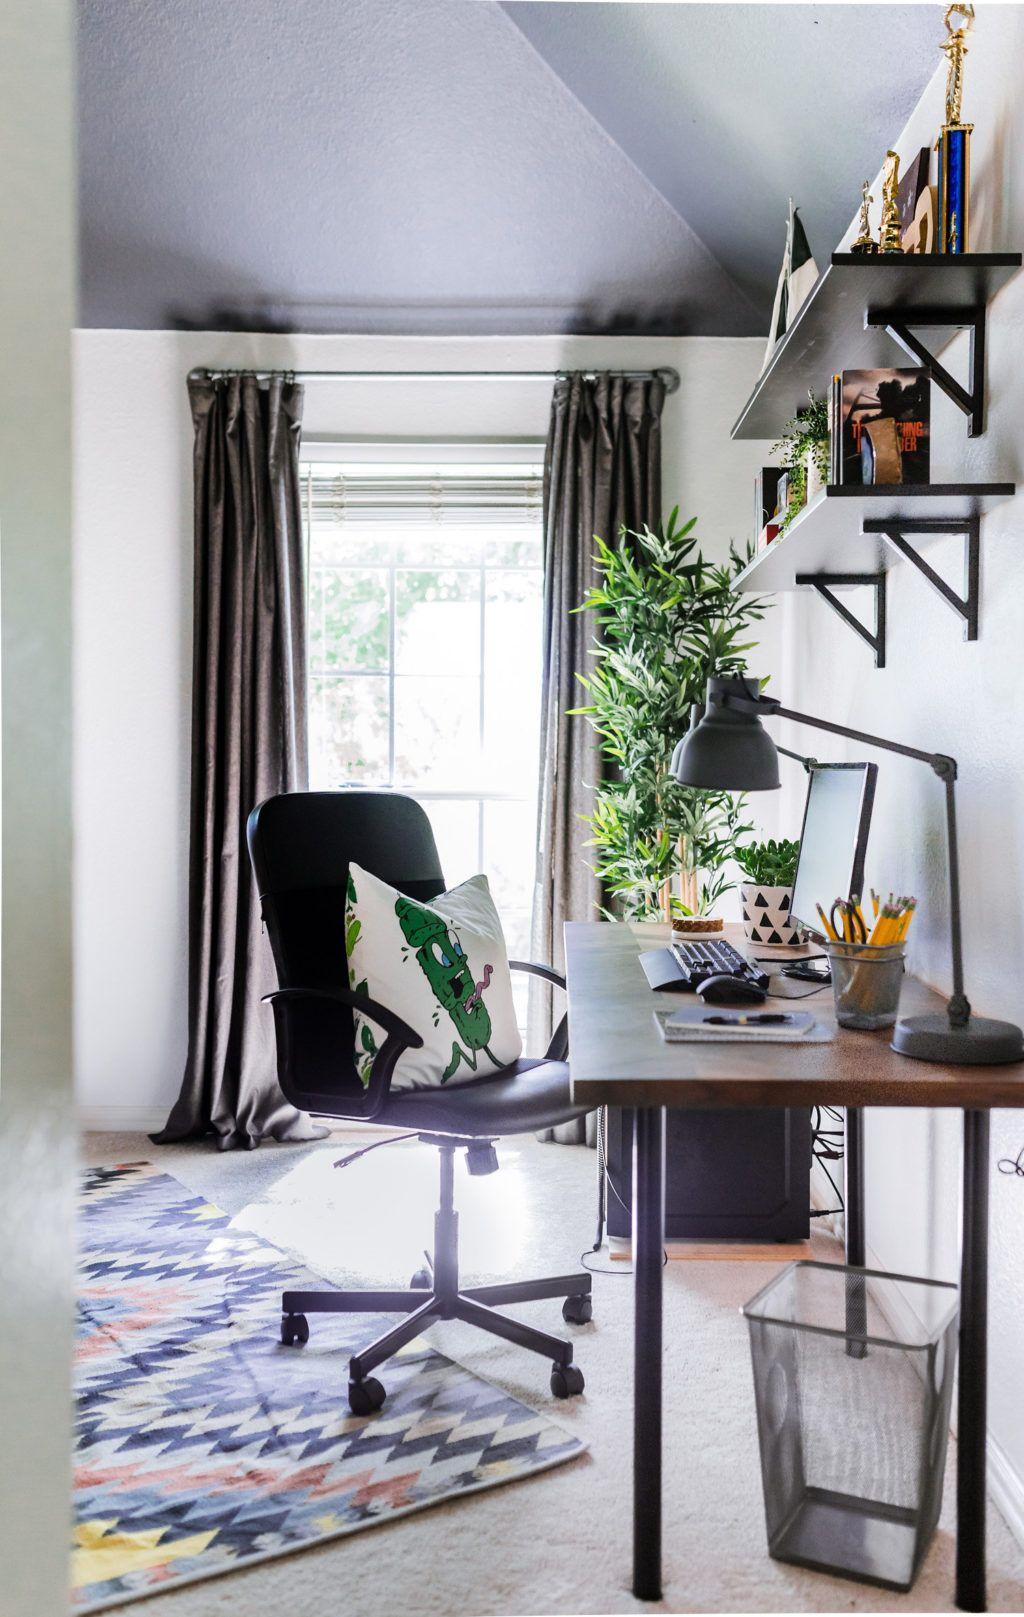 Astounding Schreibtisch Teenager Dekoration Von A Teenage Space For Work & Play